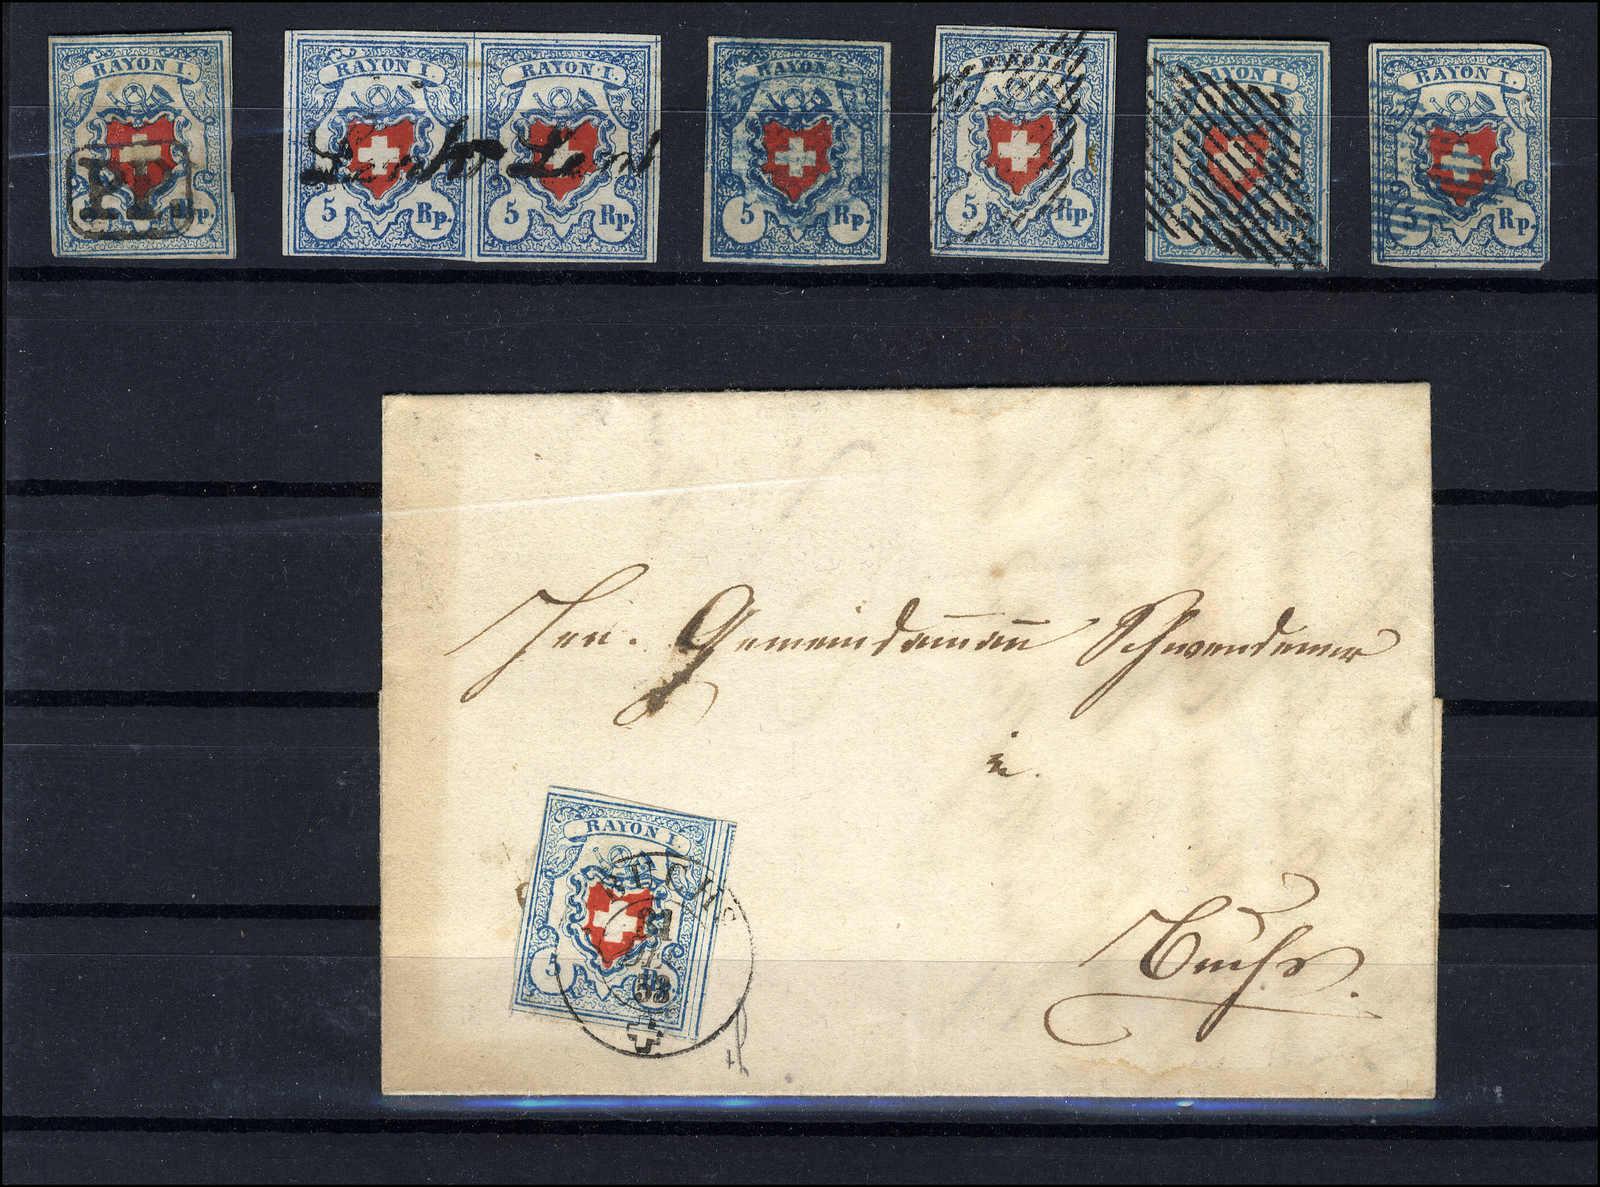 Lot 35 - sammlungen und posten sammlungen und posten altschweiz -  Rolli Auctions Auction #68 Day 1